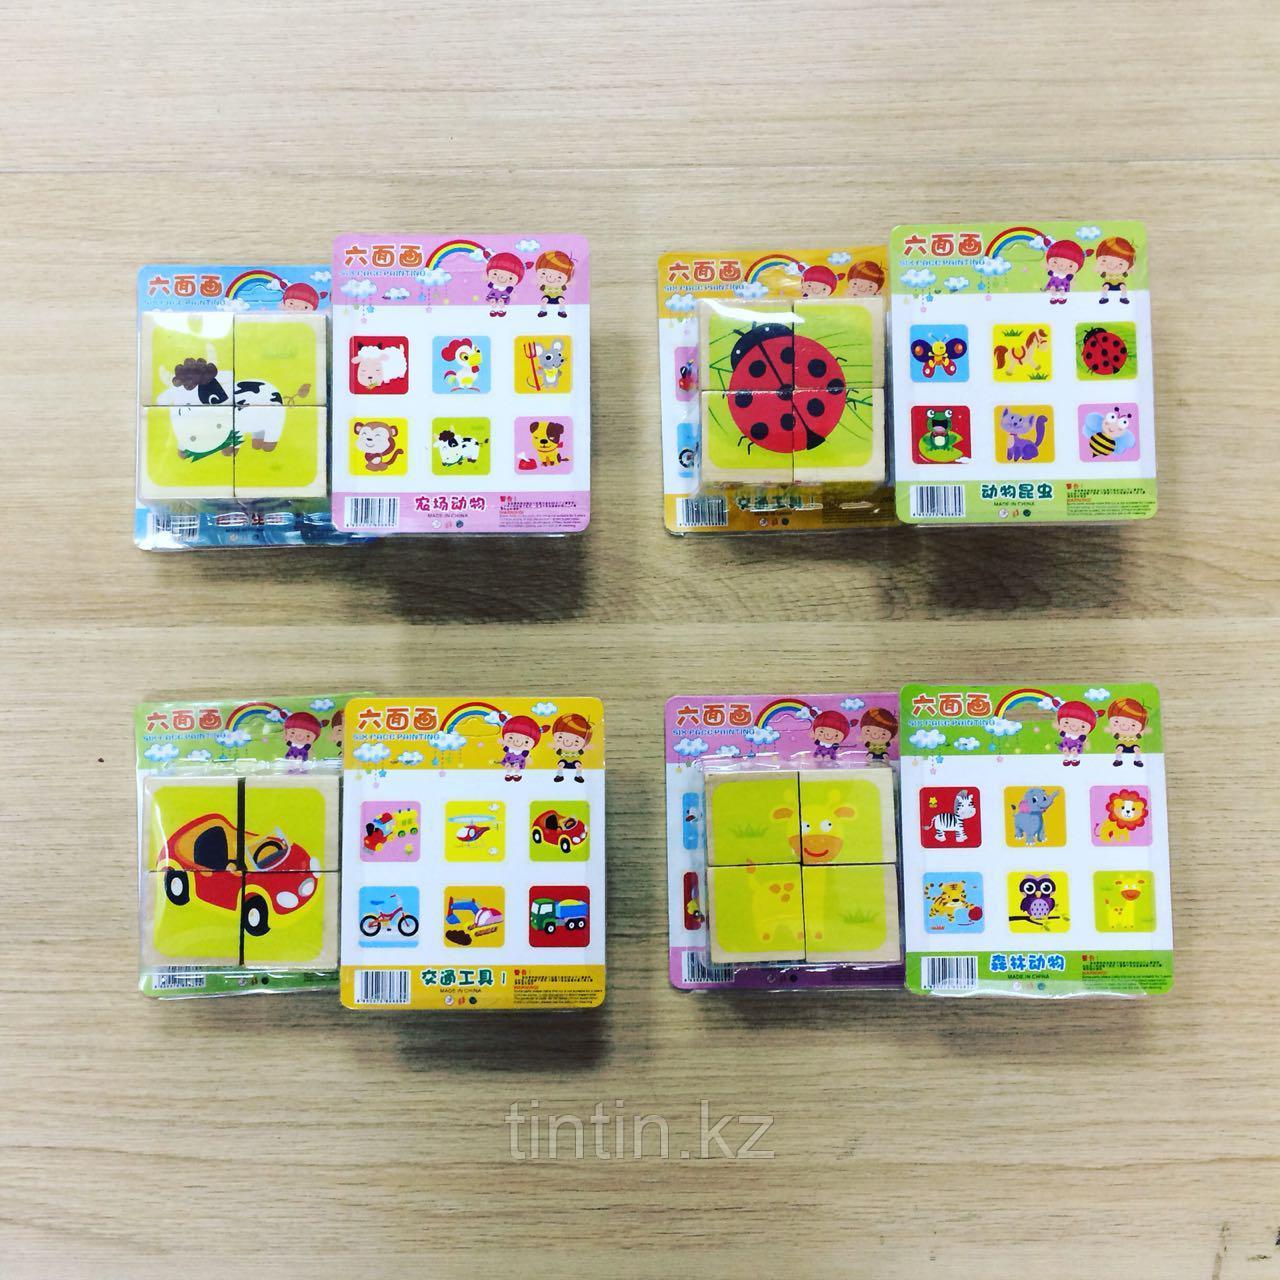 Деревянные кубики-пазлы из 4 элементов